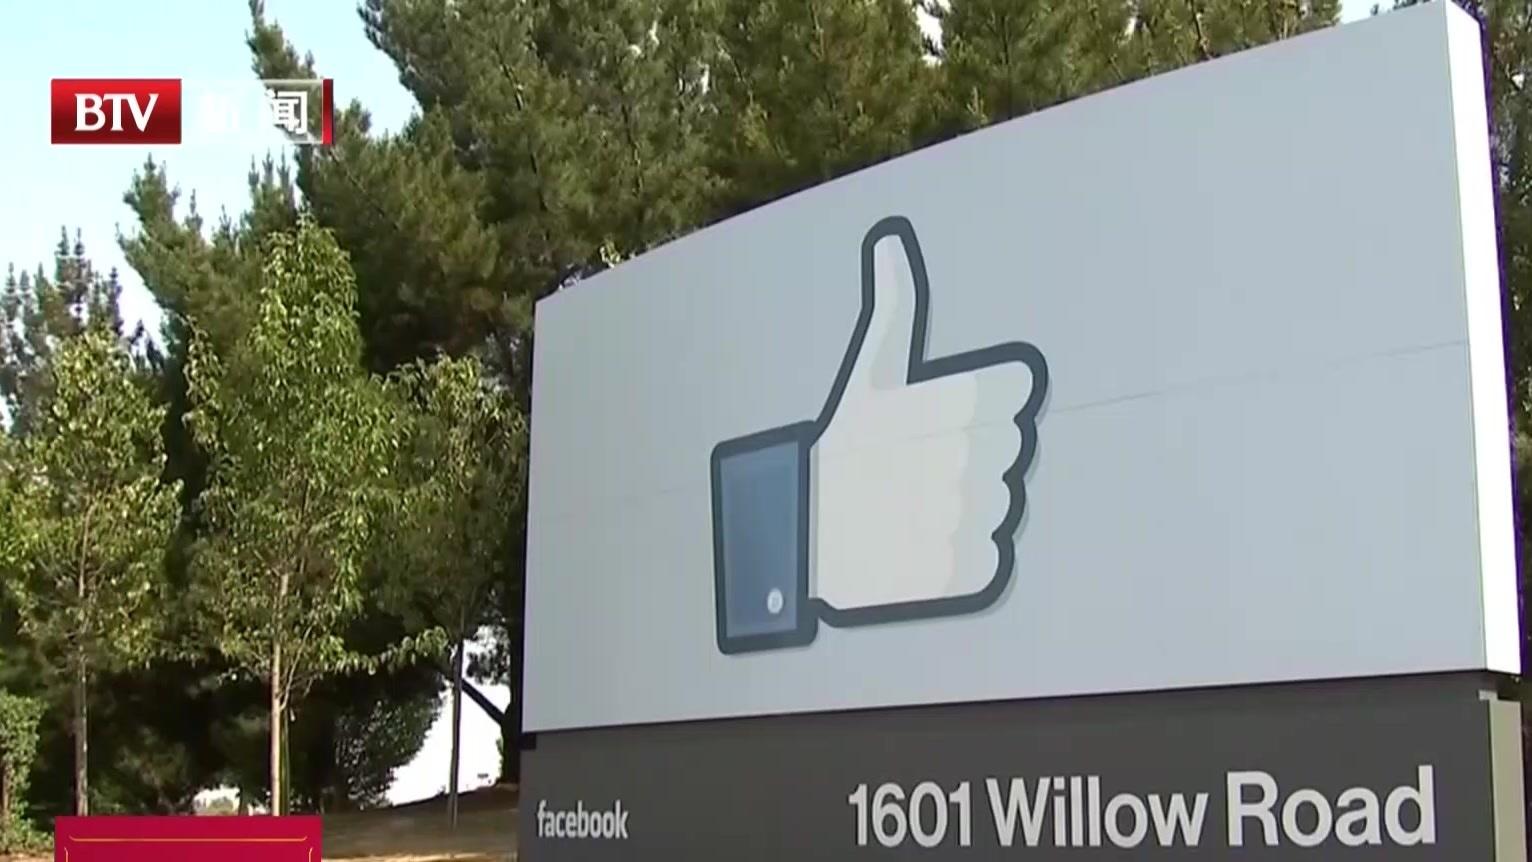 脸书等美国企业表态:反对种族歧视